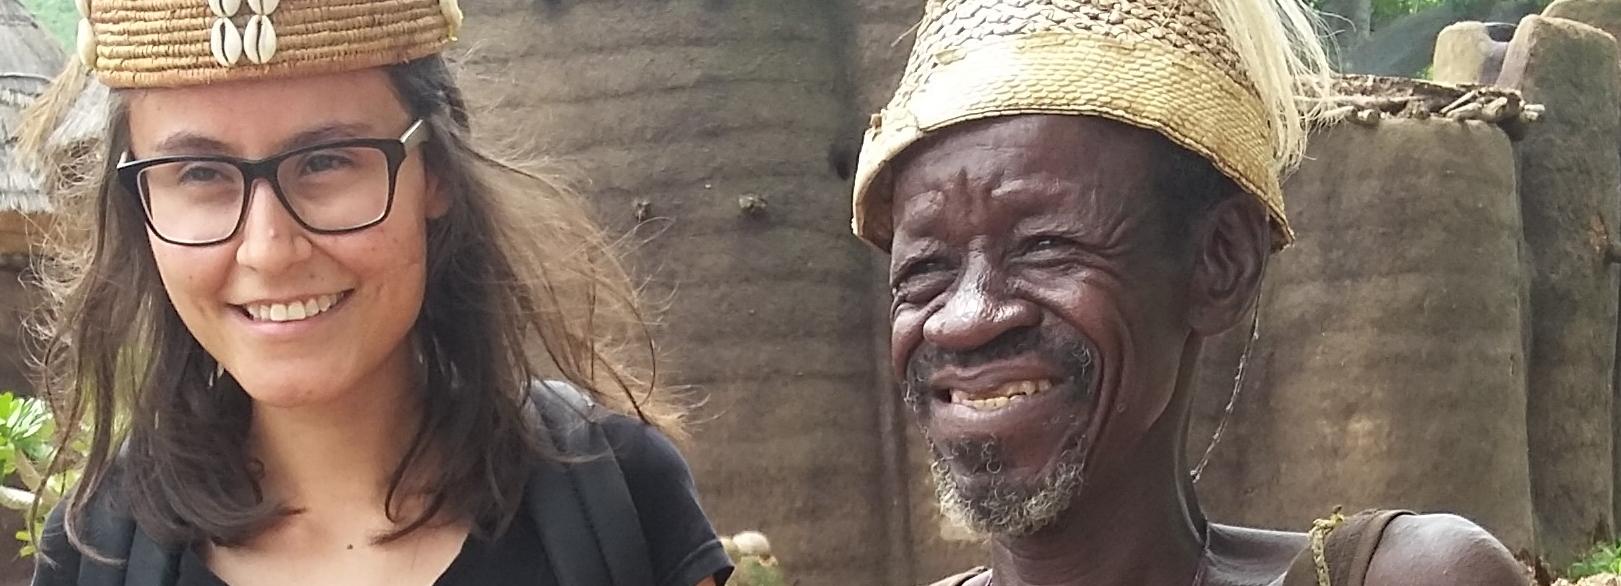 Travail bénévole en orphelinat, l'expérience de Karelly au Togo